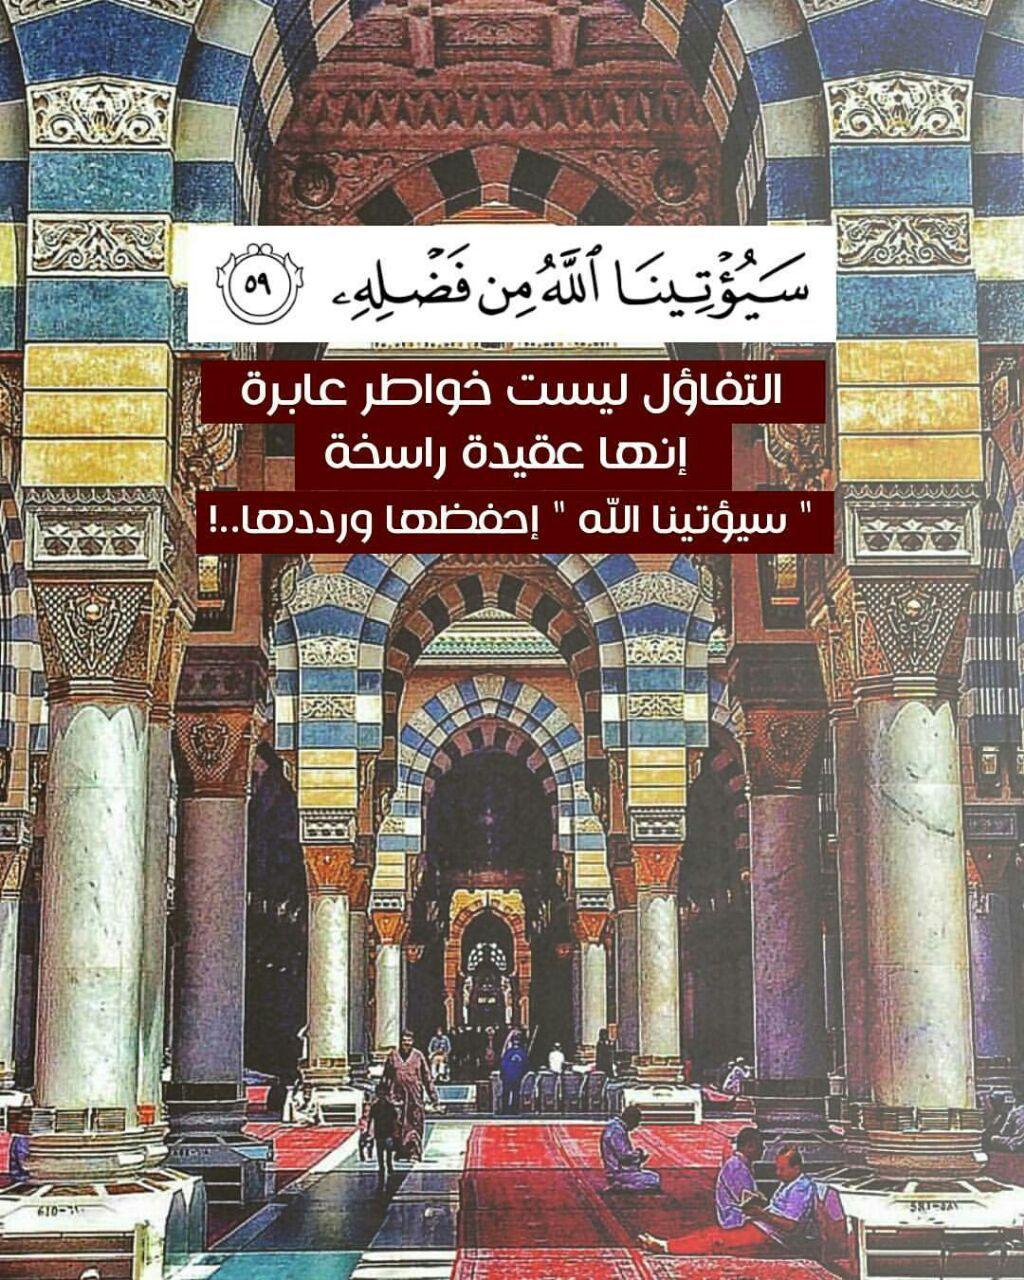 حسبنا الله سيؤتينا الله من فضله انا الي الله راغبون Islamic Quotes Quran Quran Quotes Quran Verses